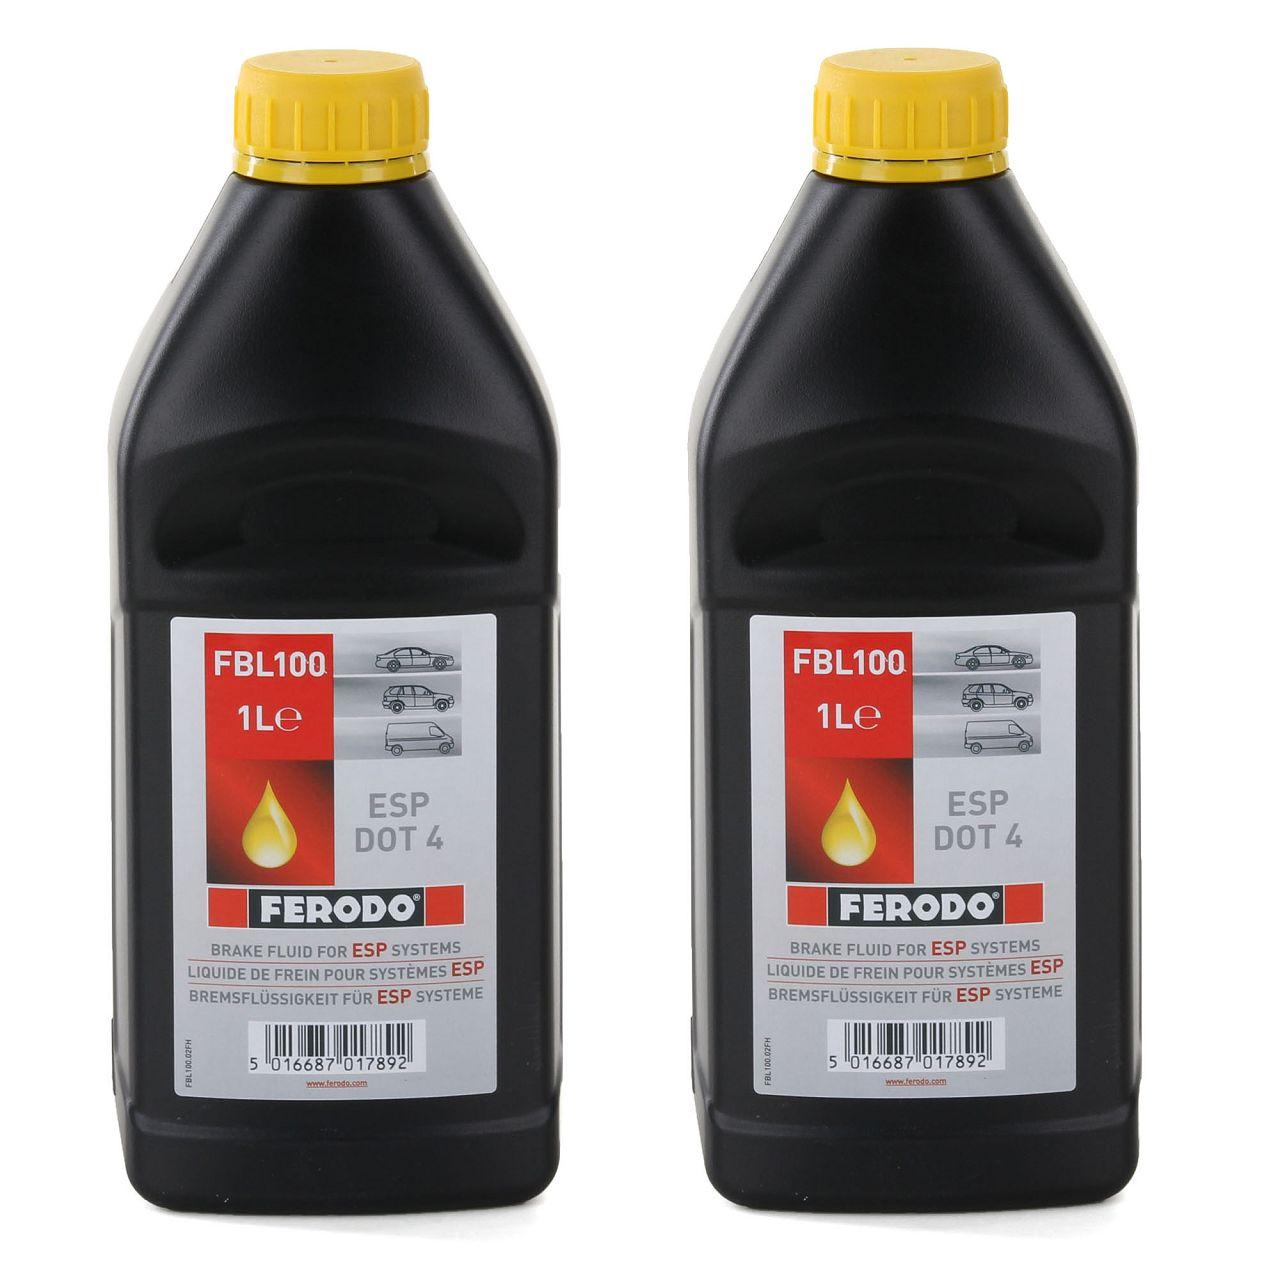 2x 1L 1 Liter FERODO FBL100 Bremsflüssigkeit für ESP Systeme DOT 4